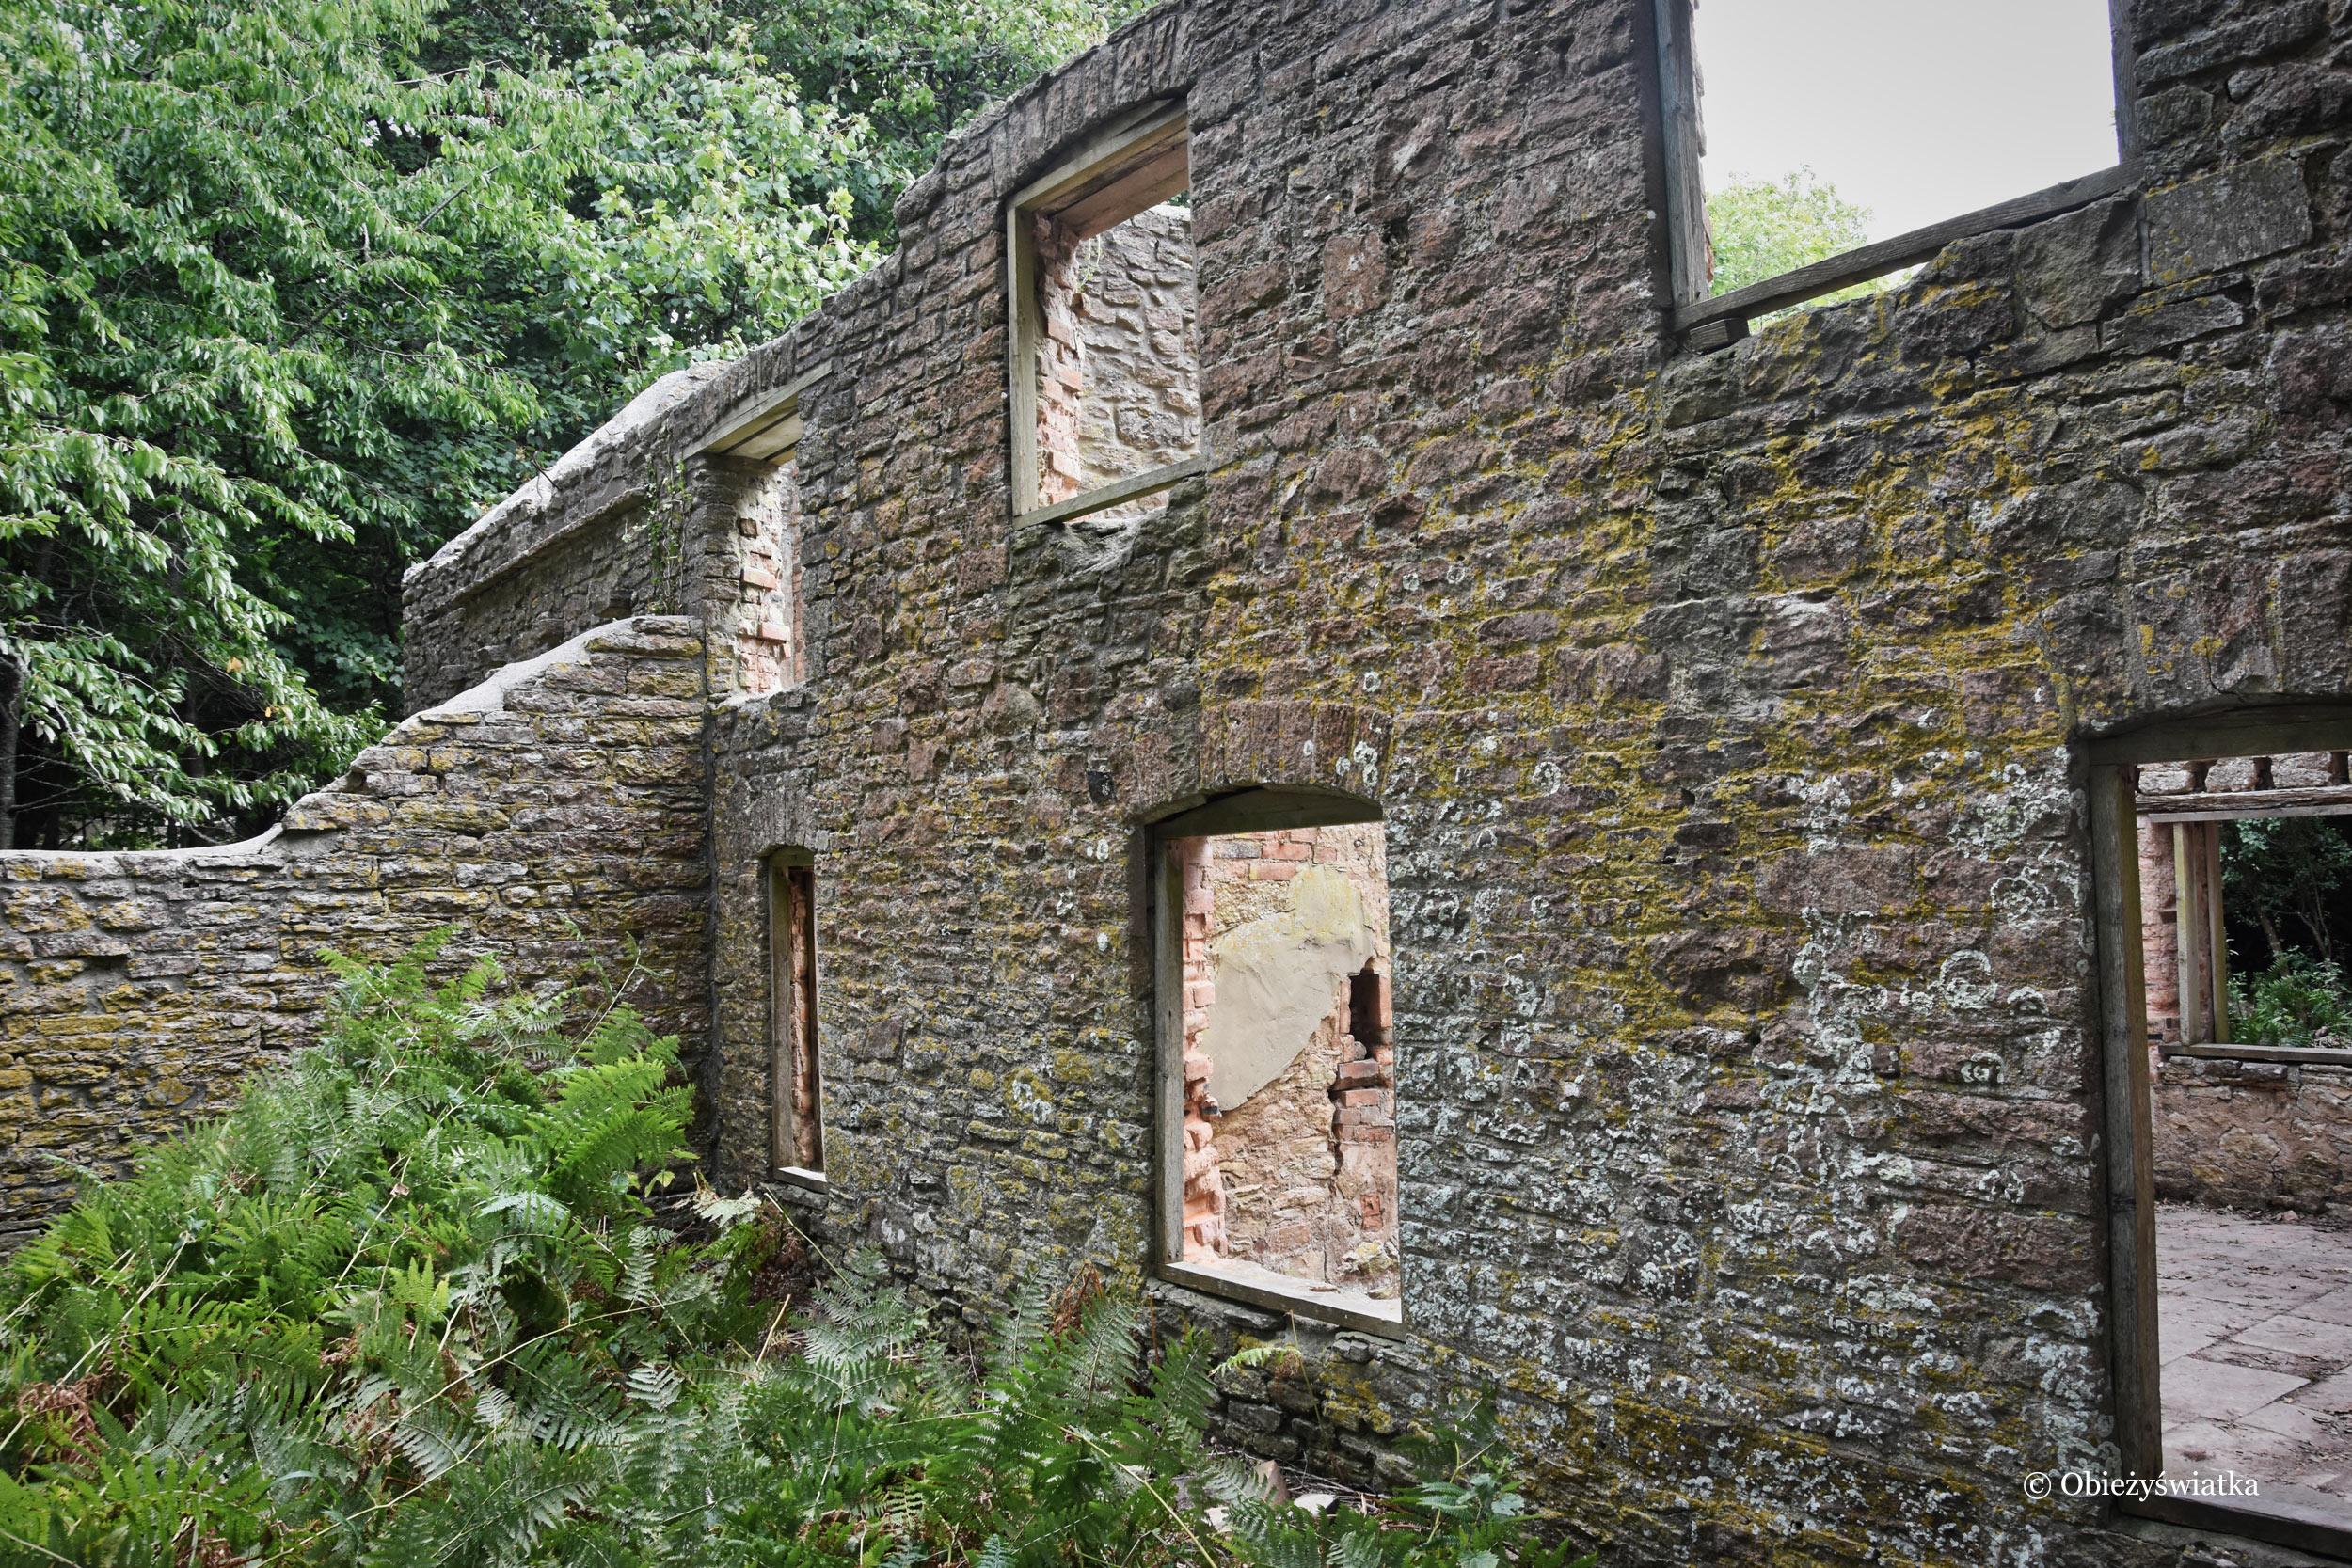 Opuszczona wioska - Tyneham